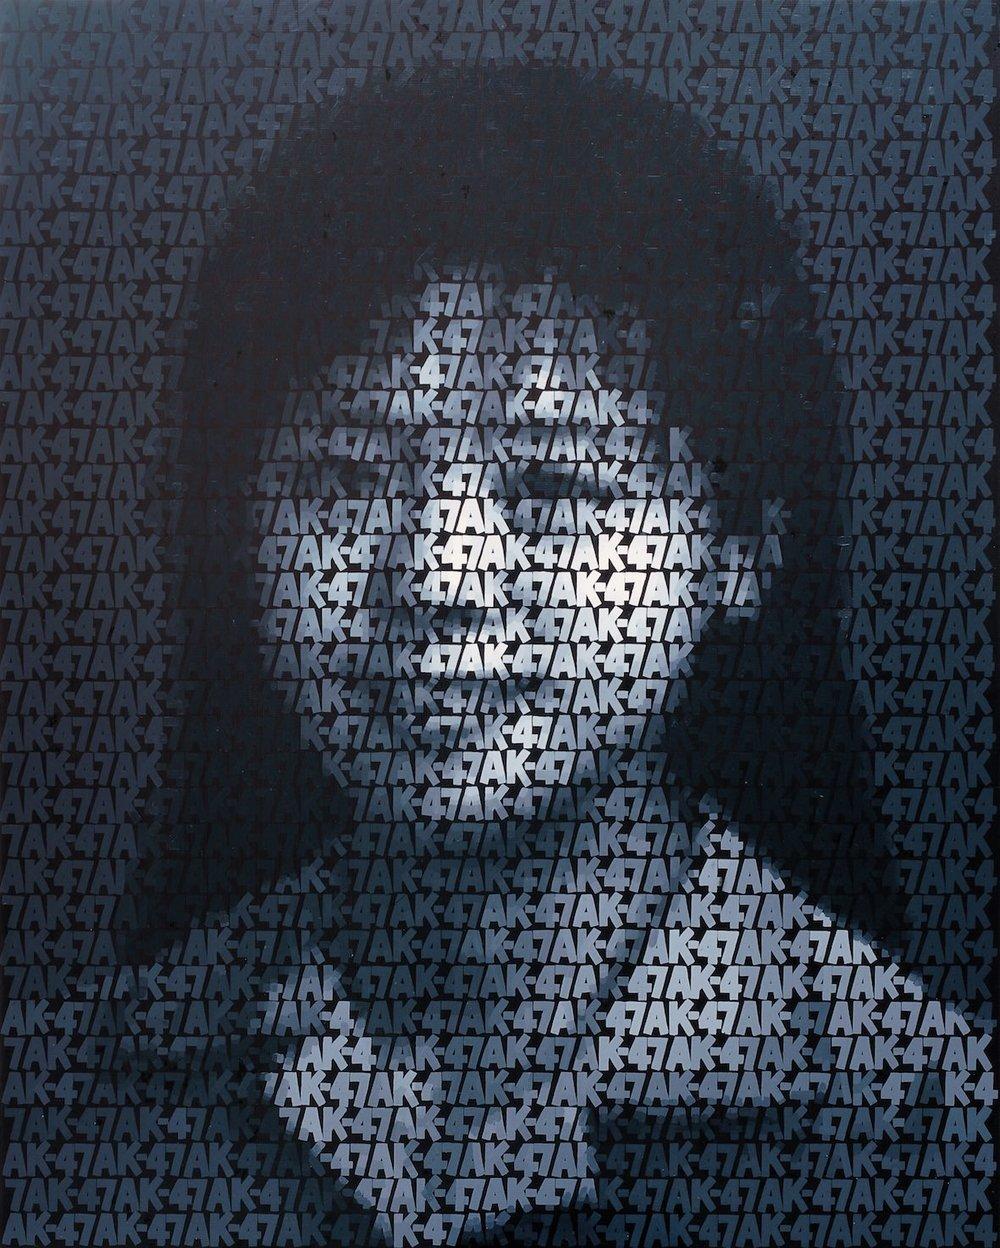 Zhang Dali, olio su tela, serie AK-47